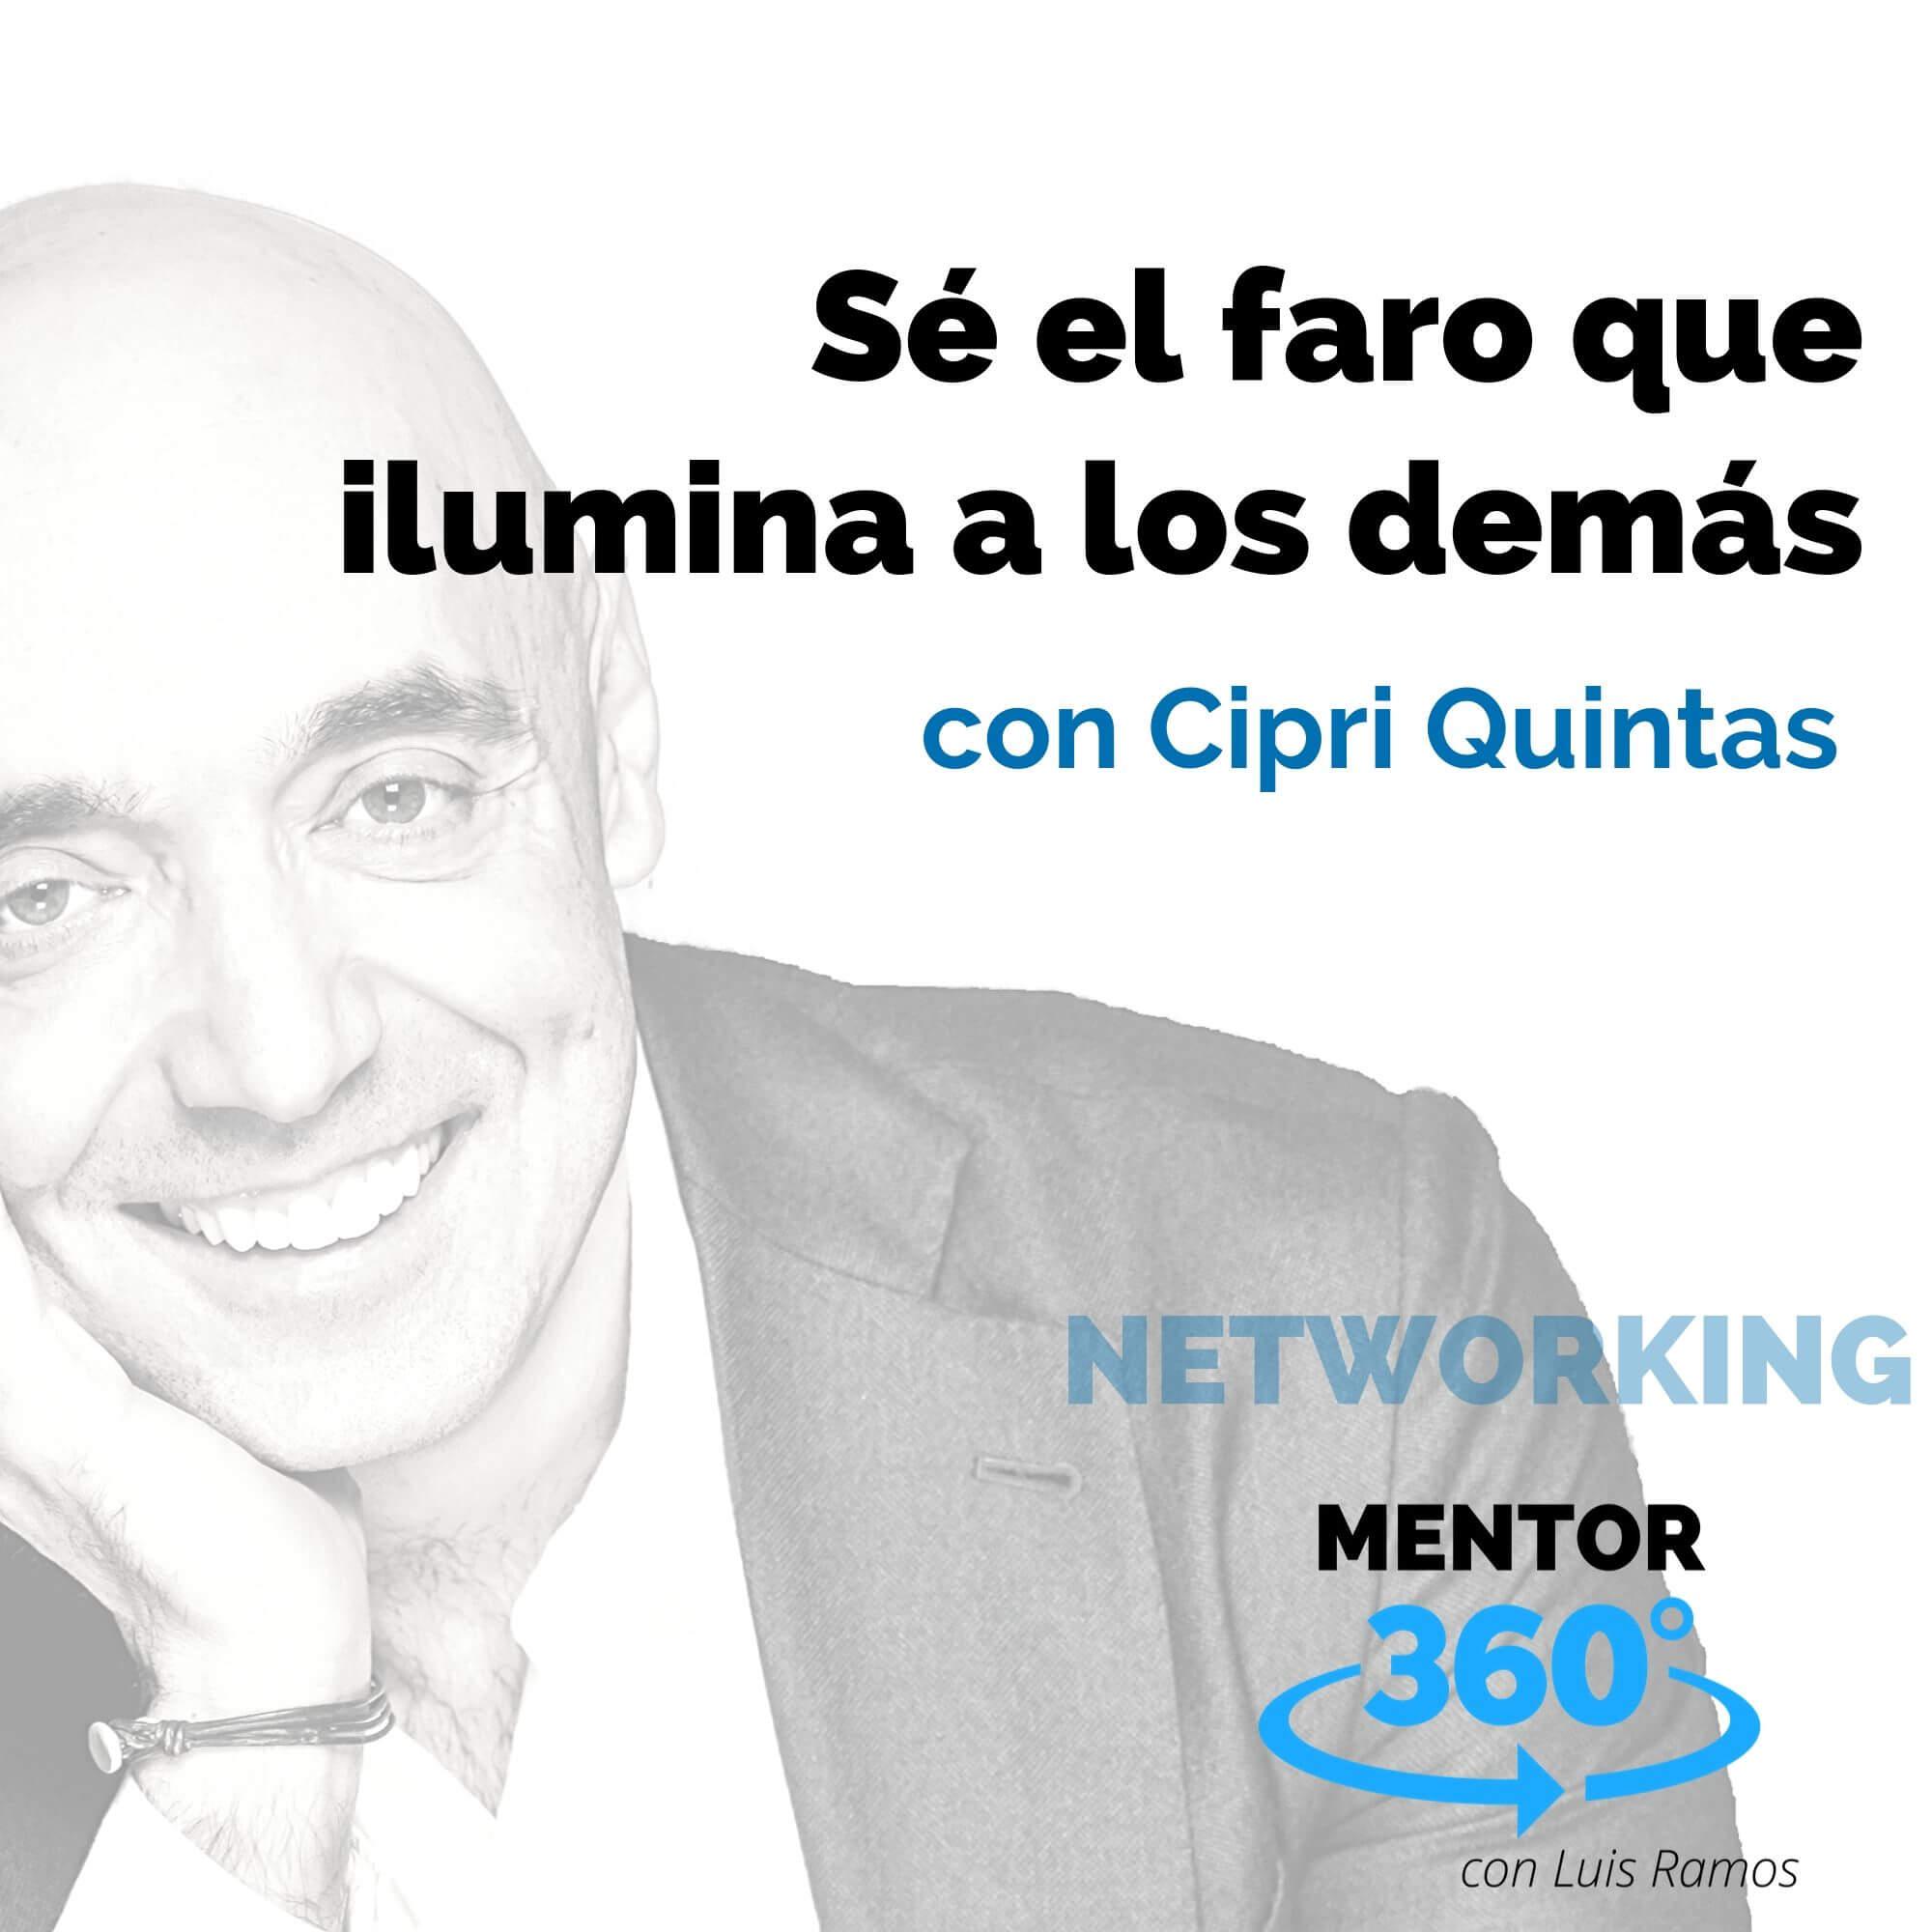 Sé el faro que ilumina a los demás, con Cipri Quintas - NETWORKING